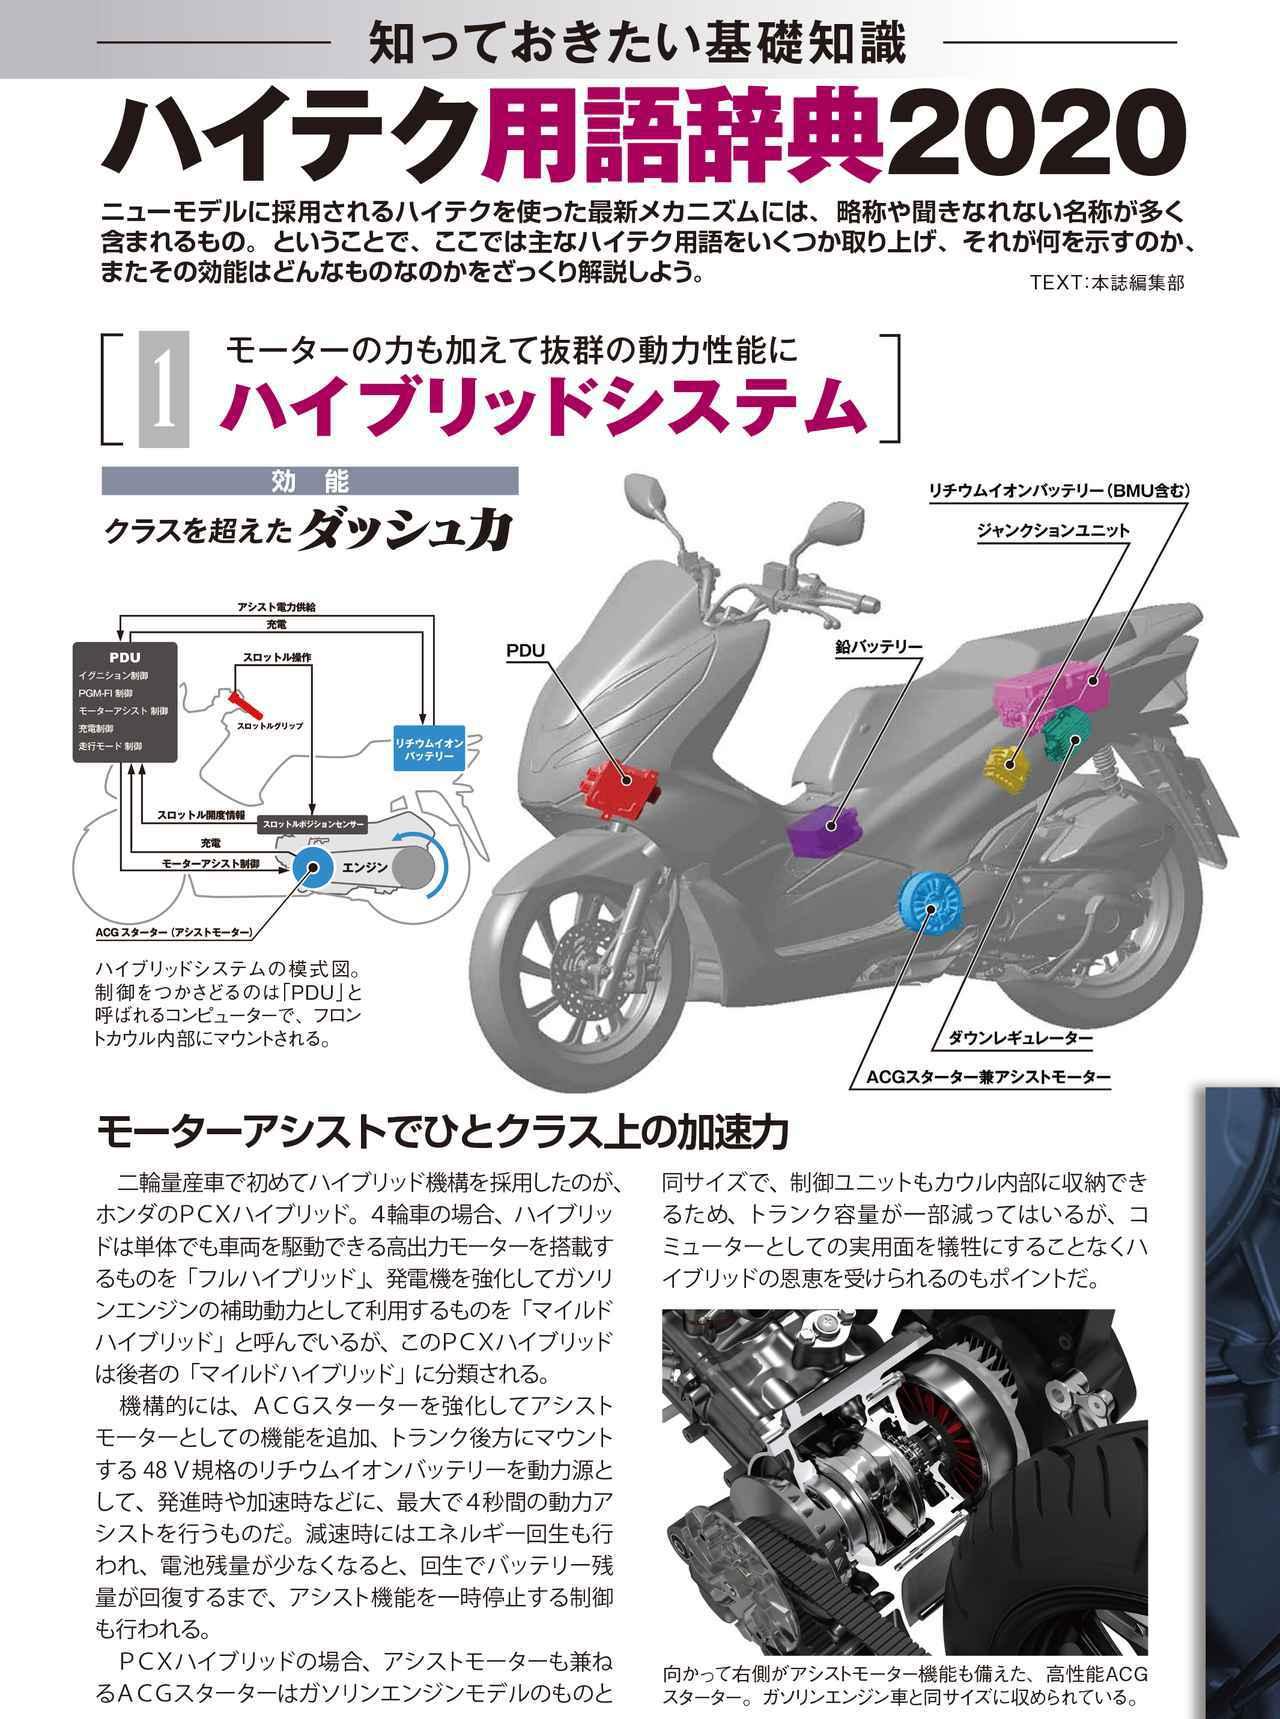 画像3: 巻頭特集は誌上モーターサイクルショー! 月刊『オートバイ』5月号発売! 最新バイクを徹底解説、「RIDE」では往年の名車を詳解